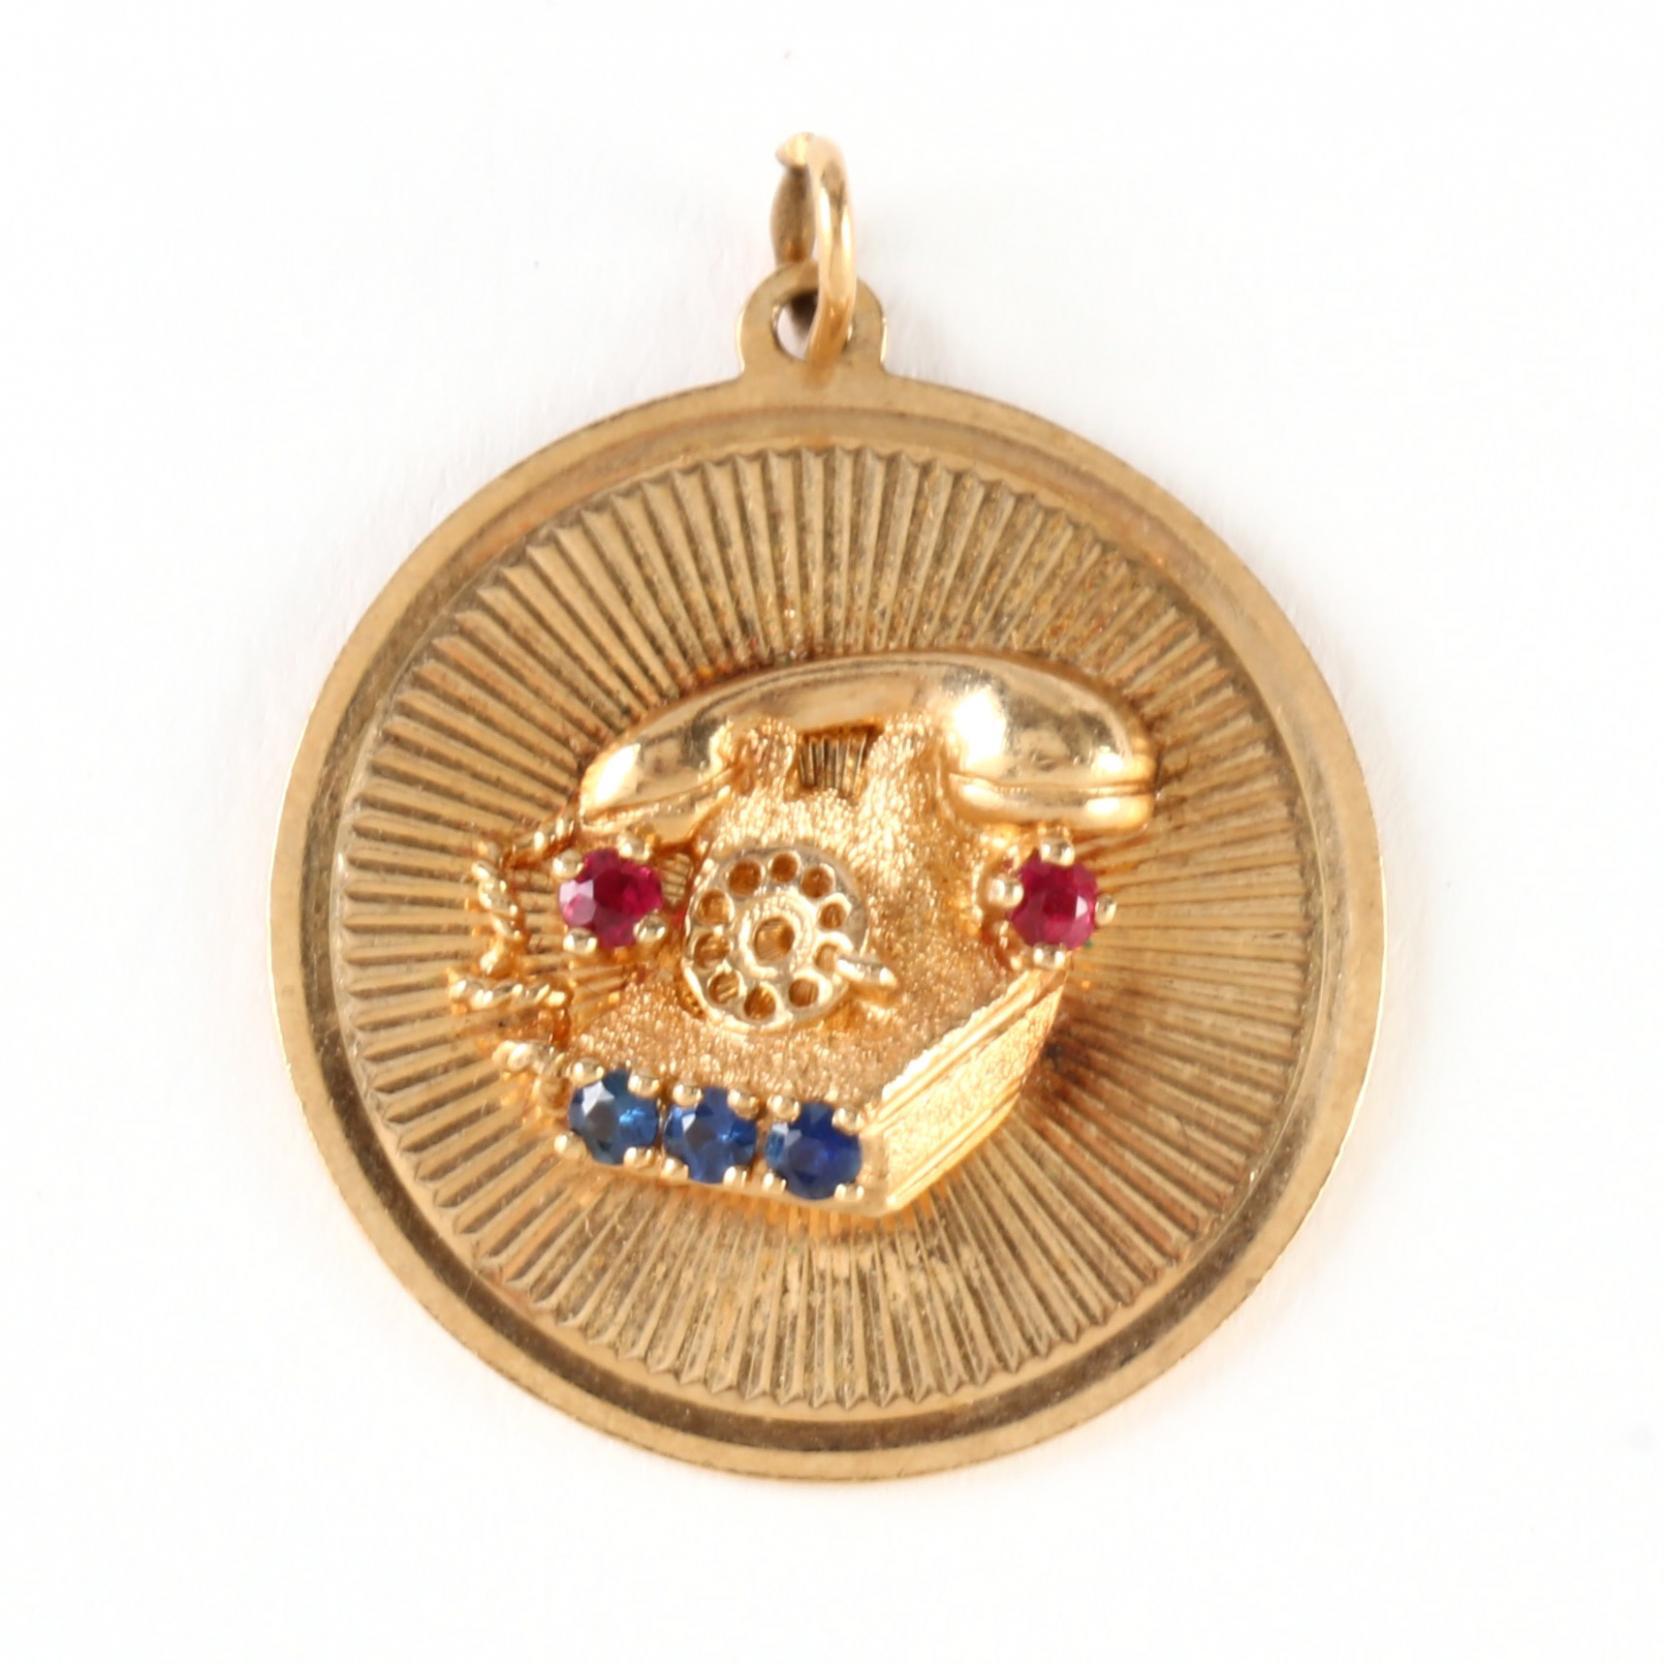 vintage-14kt-gold-and-gem-set-charm-henry-dankner